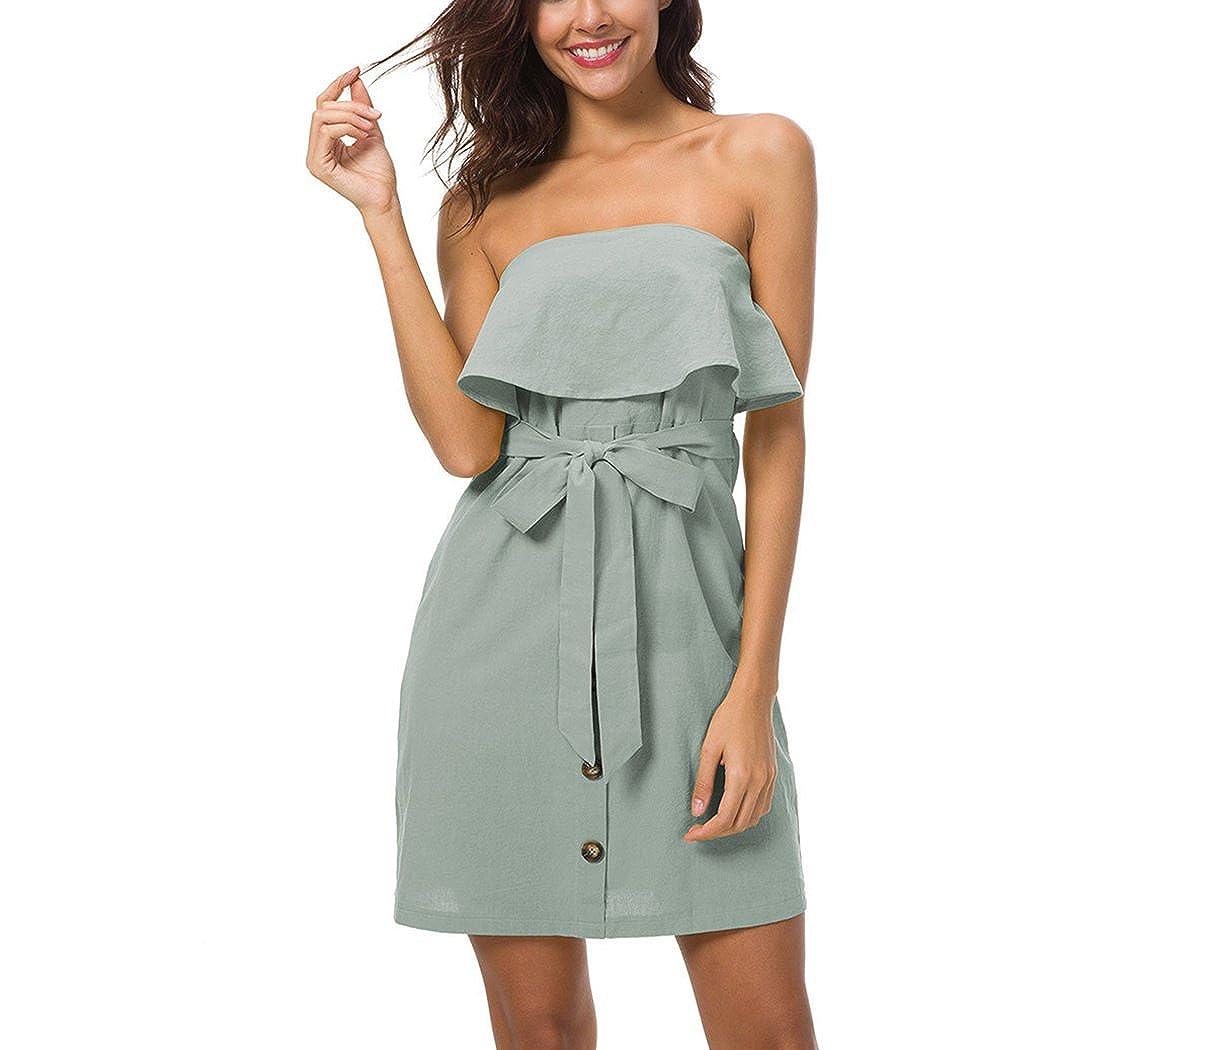 Vestido de Mujer, Lananas 2018 Mujer Verano Fuera del Hombro Volantes Cinturón Botón Decoración Fiesta Cóctel Verde Mini Corto Vestir Dress: Amazon.es: ...